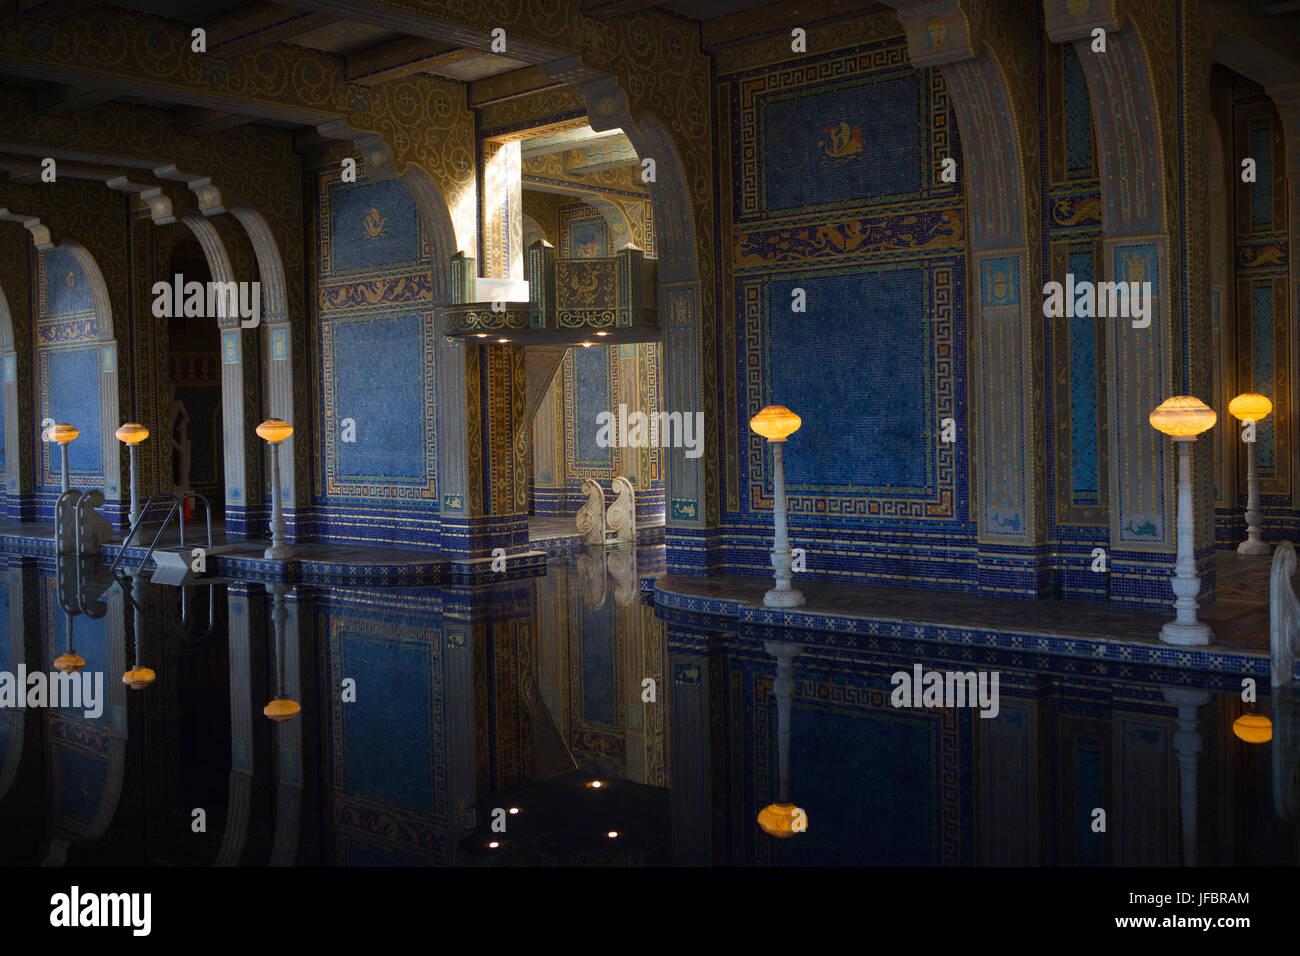 Die Römischen Pool an Hearst Castle, gestaltet nach einer antiken römischen Bad, Fliesen und Mosaik Muster Stockbild